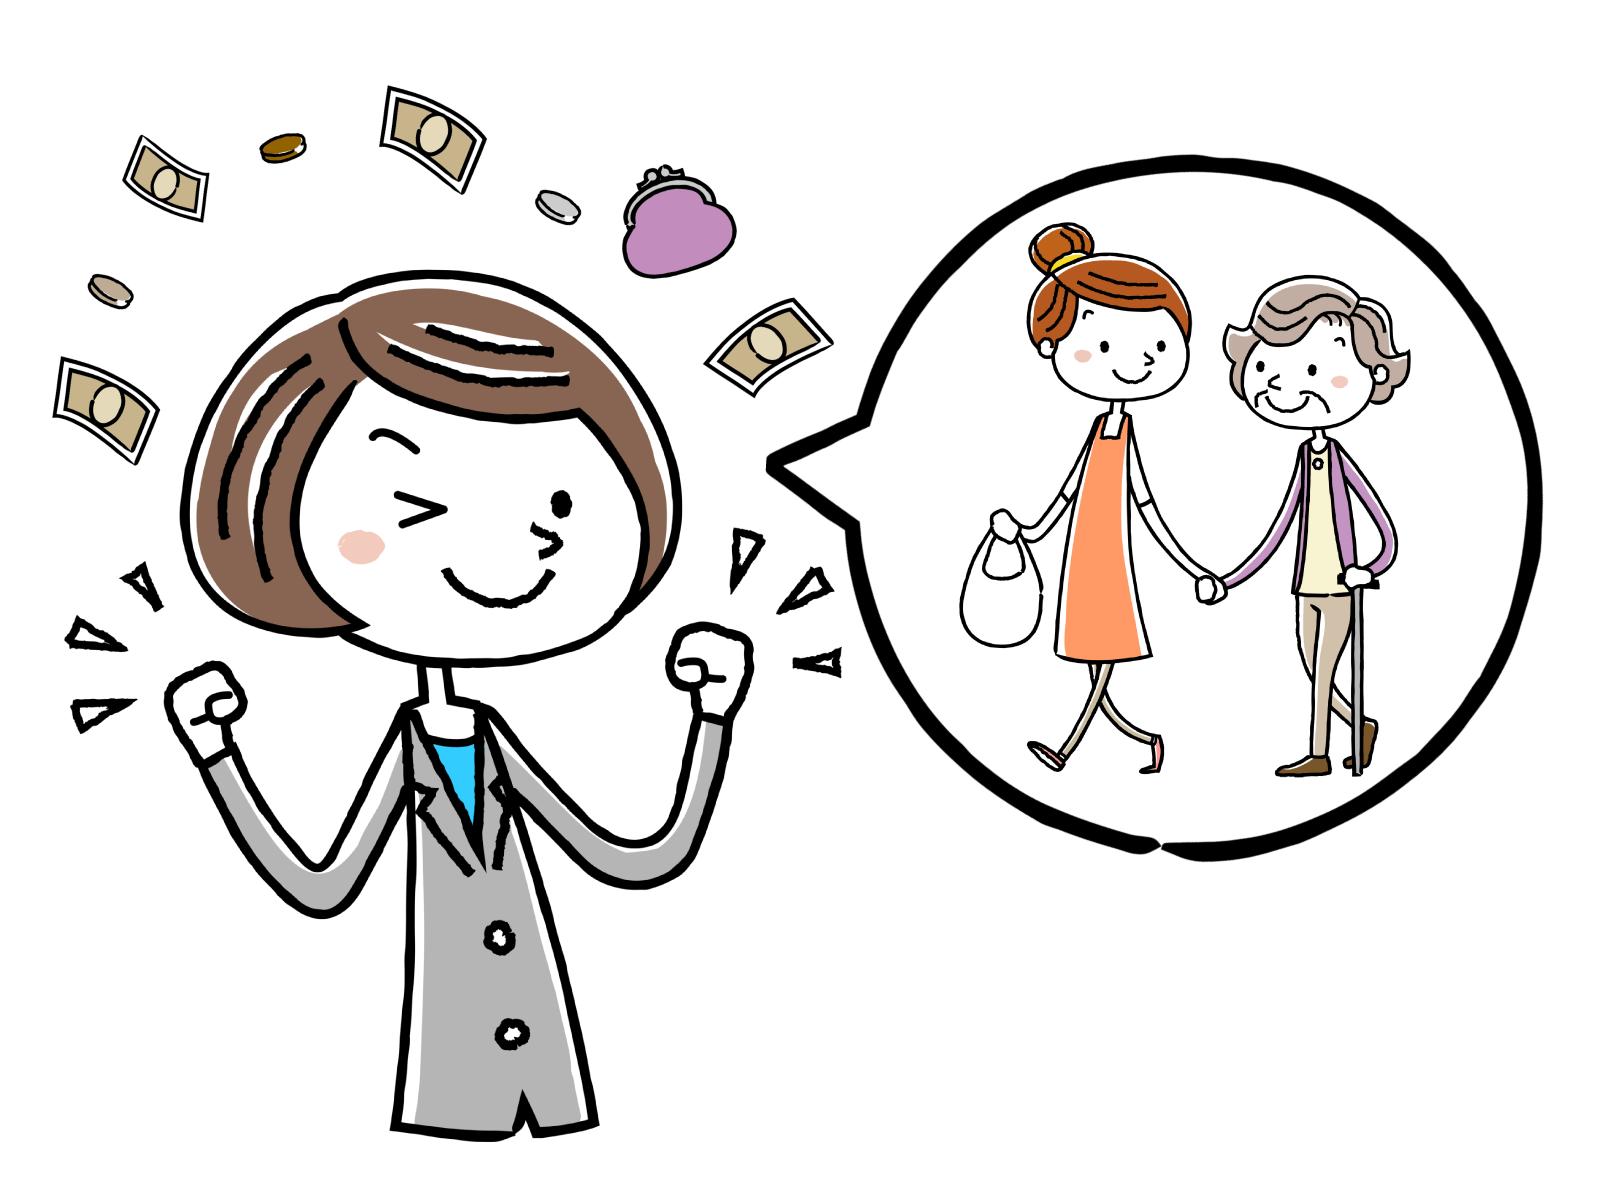 介護福祉士実務者研修修了者の給料額についてのイメージイラスト